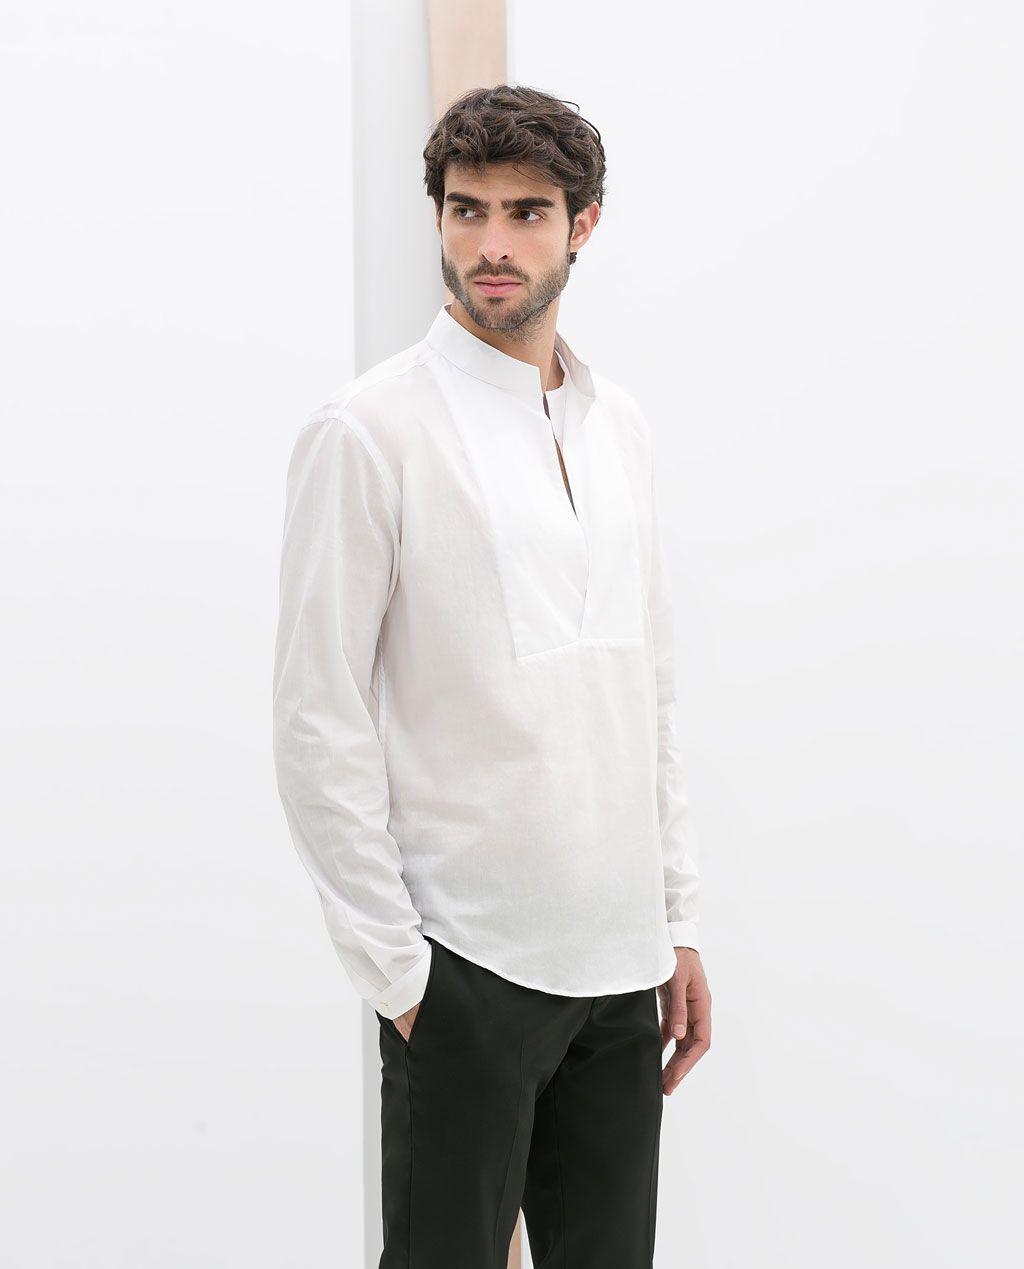 nouveau concept f950a 03f3d CHEMISE COL MAO VOILE DE COTON de Zara | Style in 2019 ...